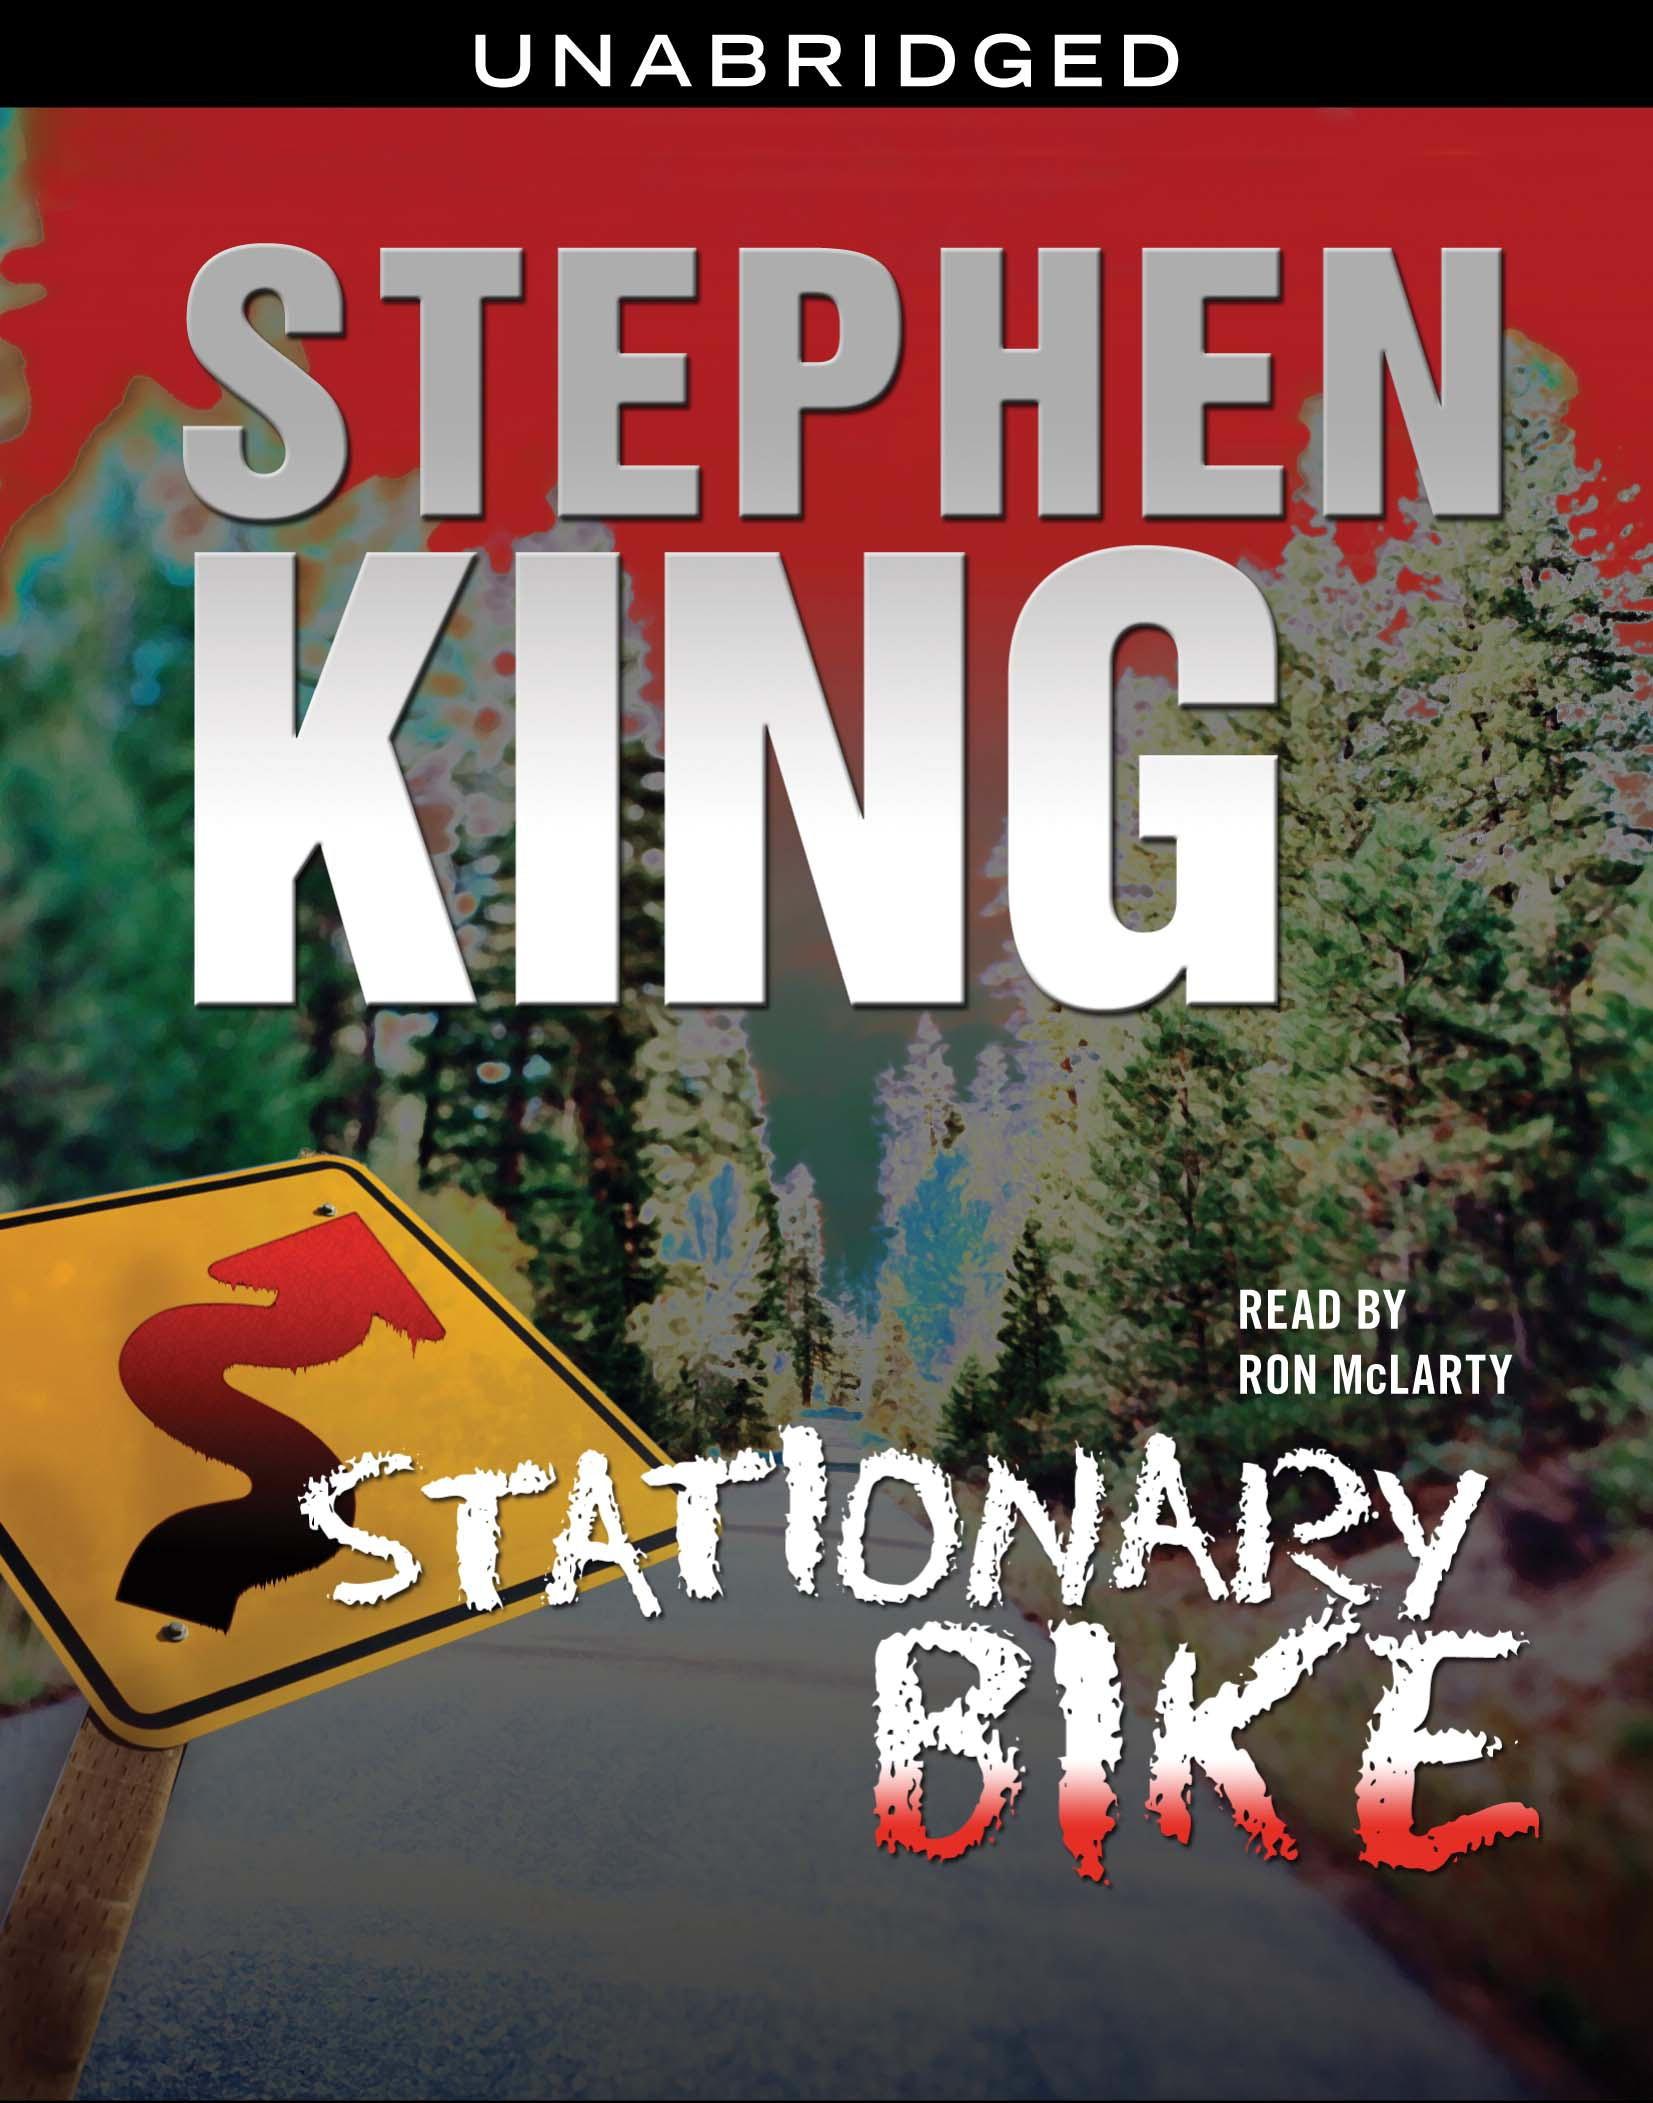 Livro Stationary Bike, de Stephen King (Foto: Divulgação)